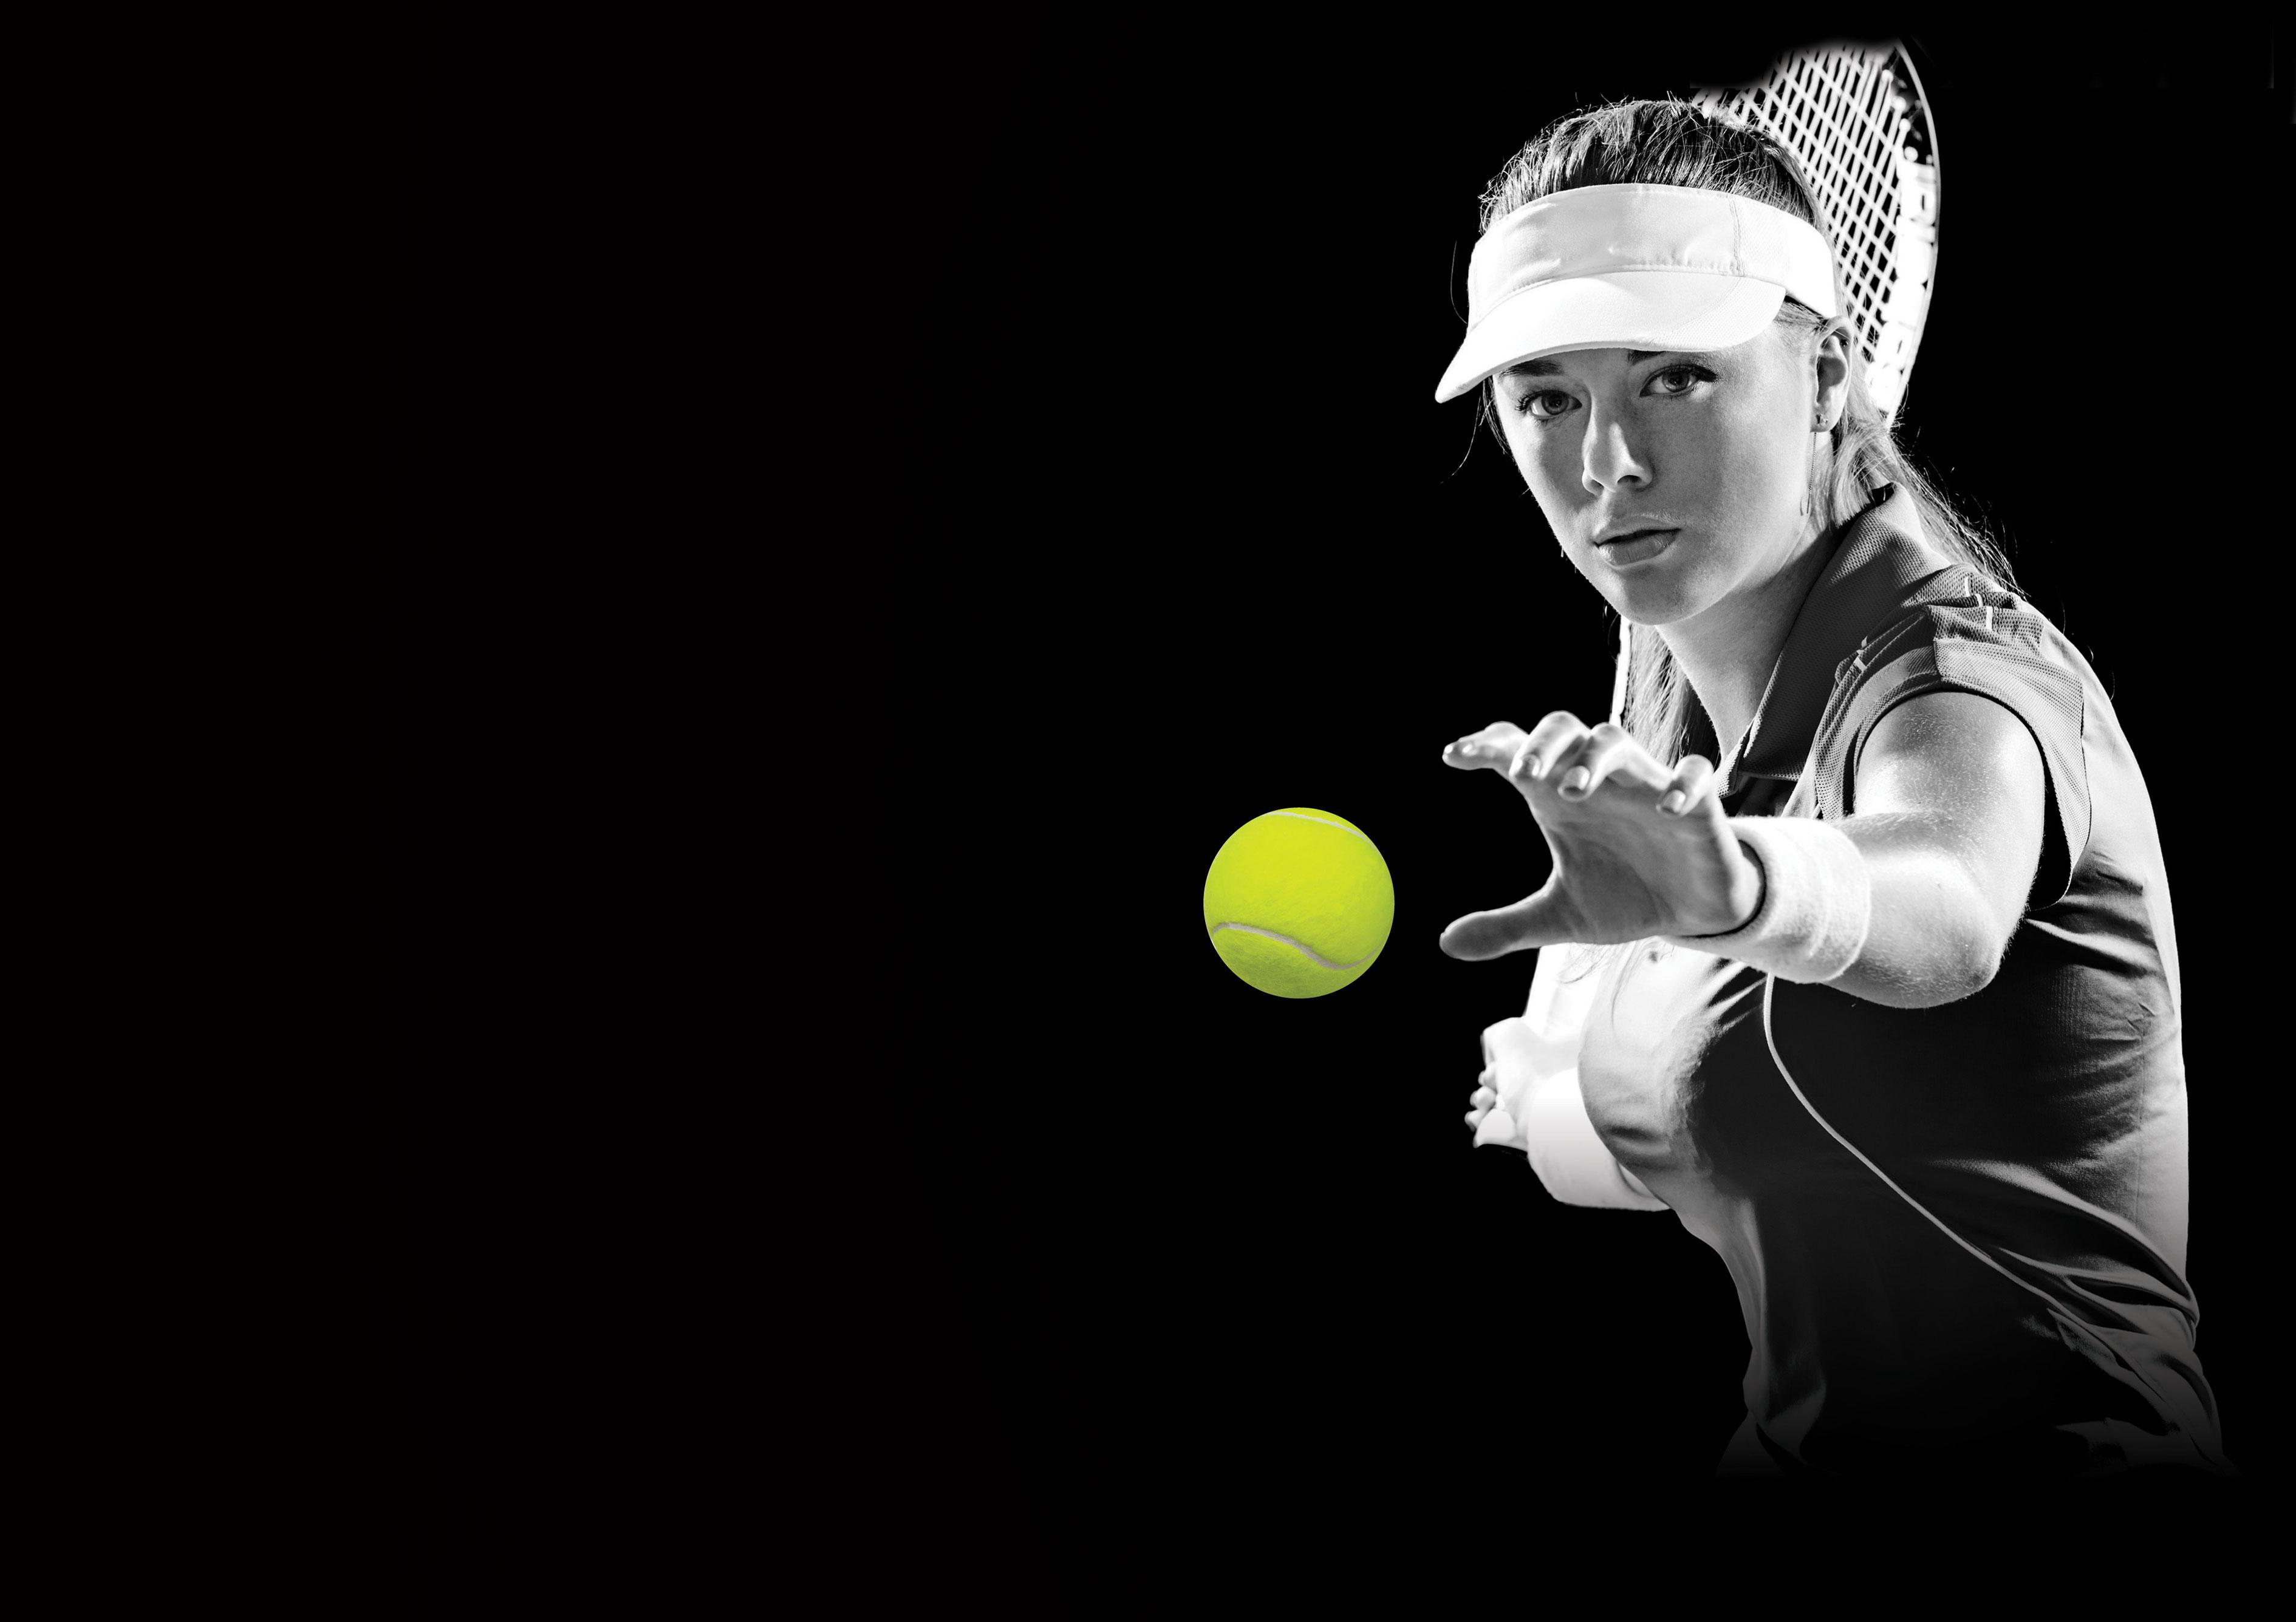 tennis3R-joueuse3r